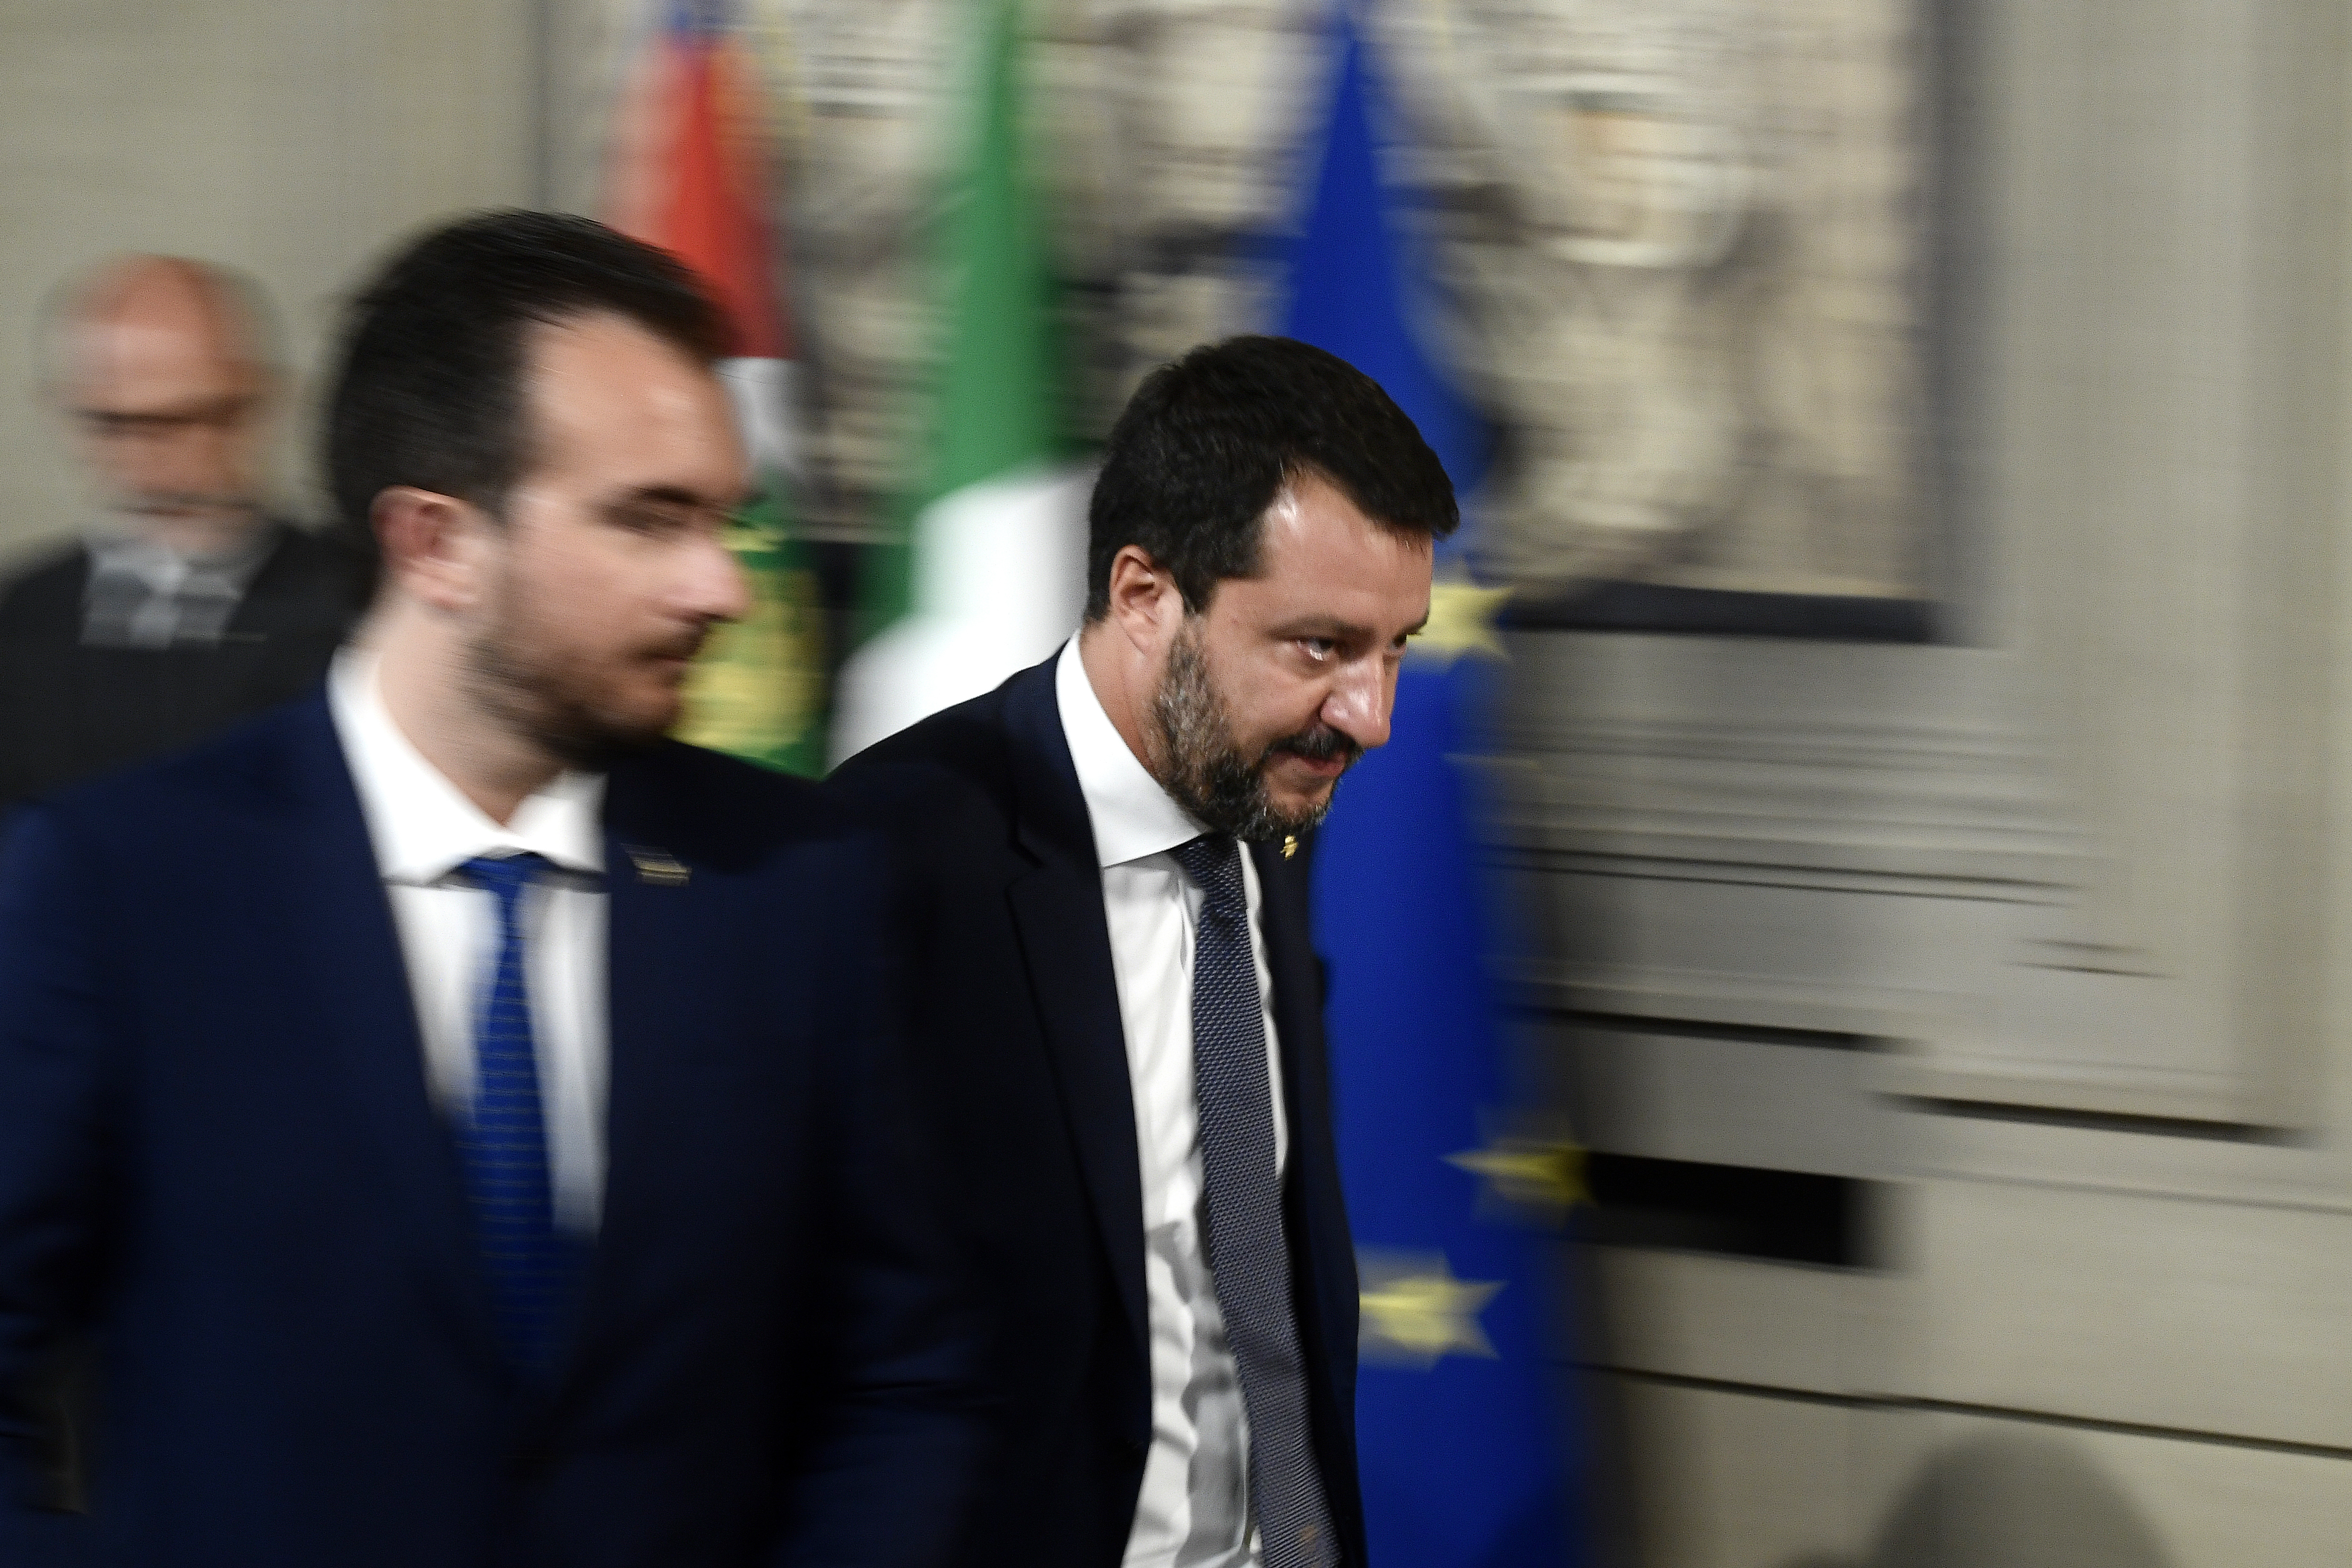 Baloldali párt kerül Salviniék helyére az olasz kormányban